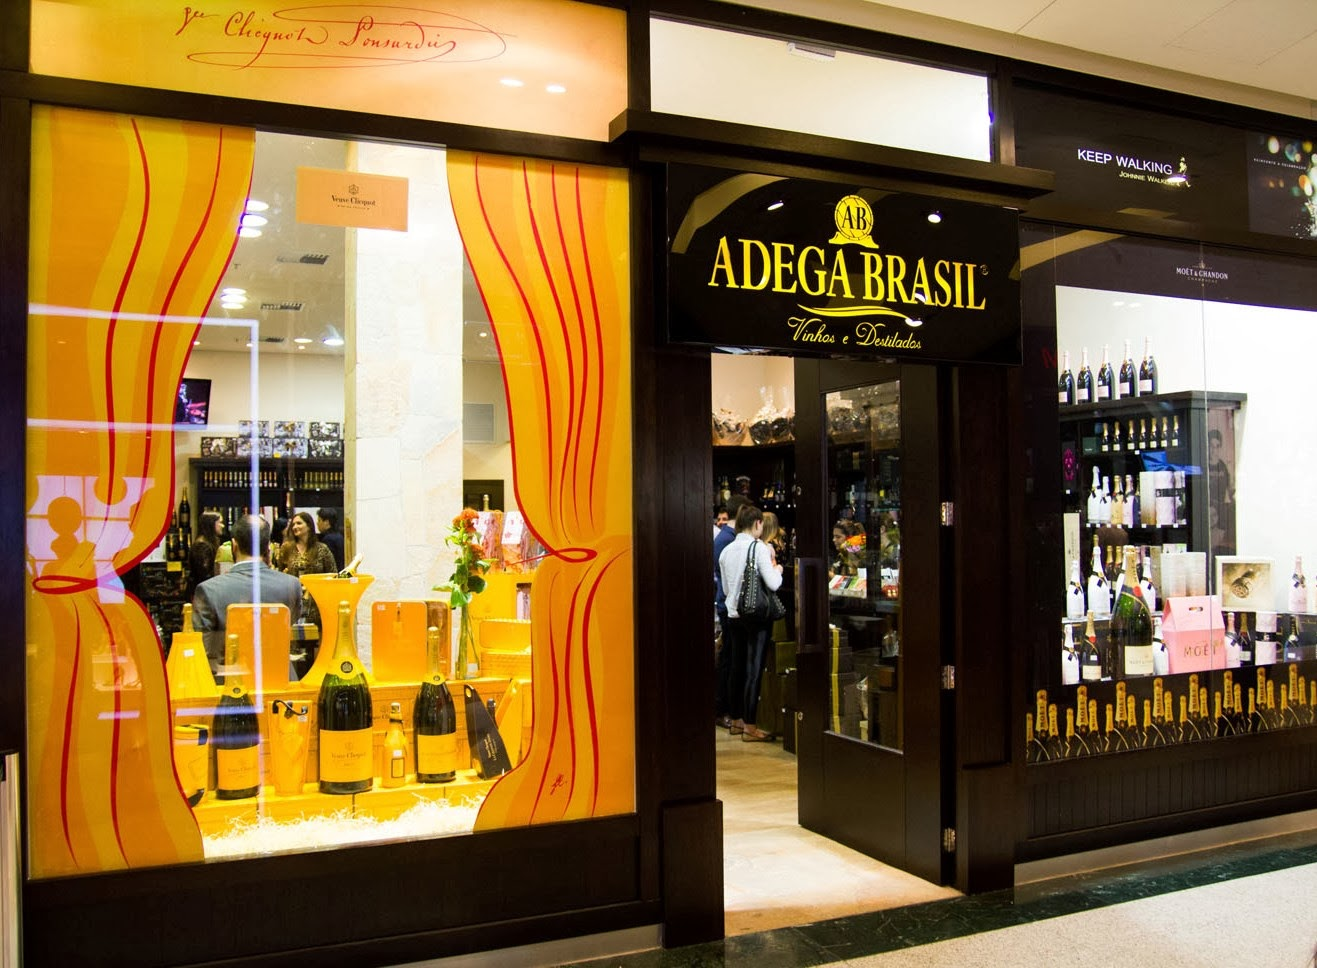 Um ano após inaugurar a primeira loja da rede em um shopping, a Adega  Brasil, do casal de sócios Waldomiro e Alessandra Fávero, termina o ano de  2013 com ... b37a4be05c